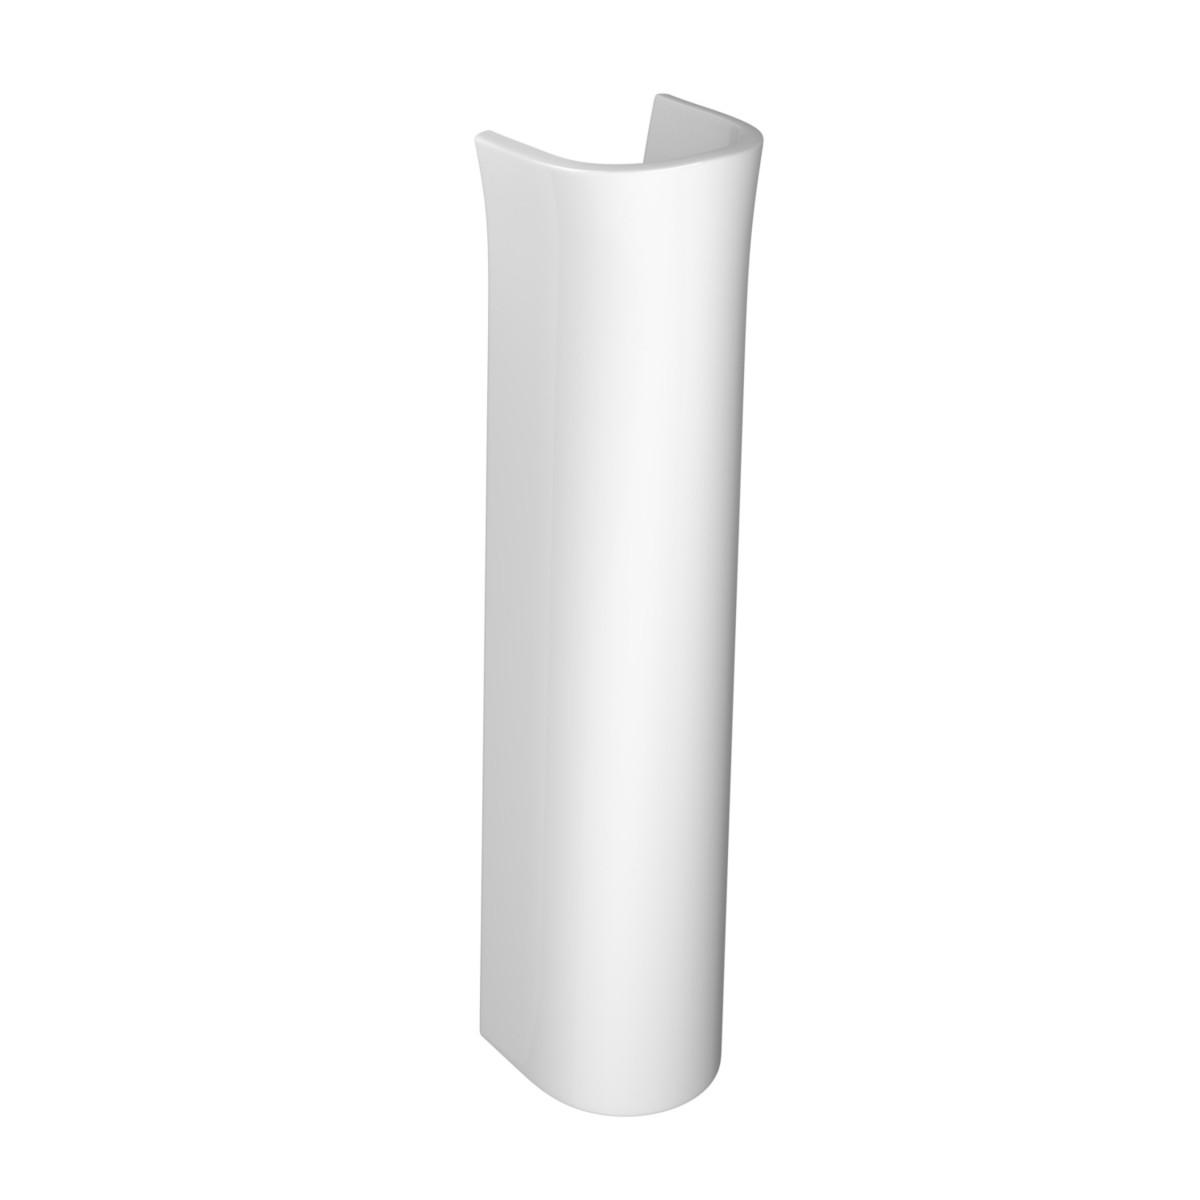 Coluna Convencional Aspen/Izy/Targa Deca Branco Ref. C.10.17